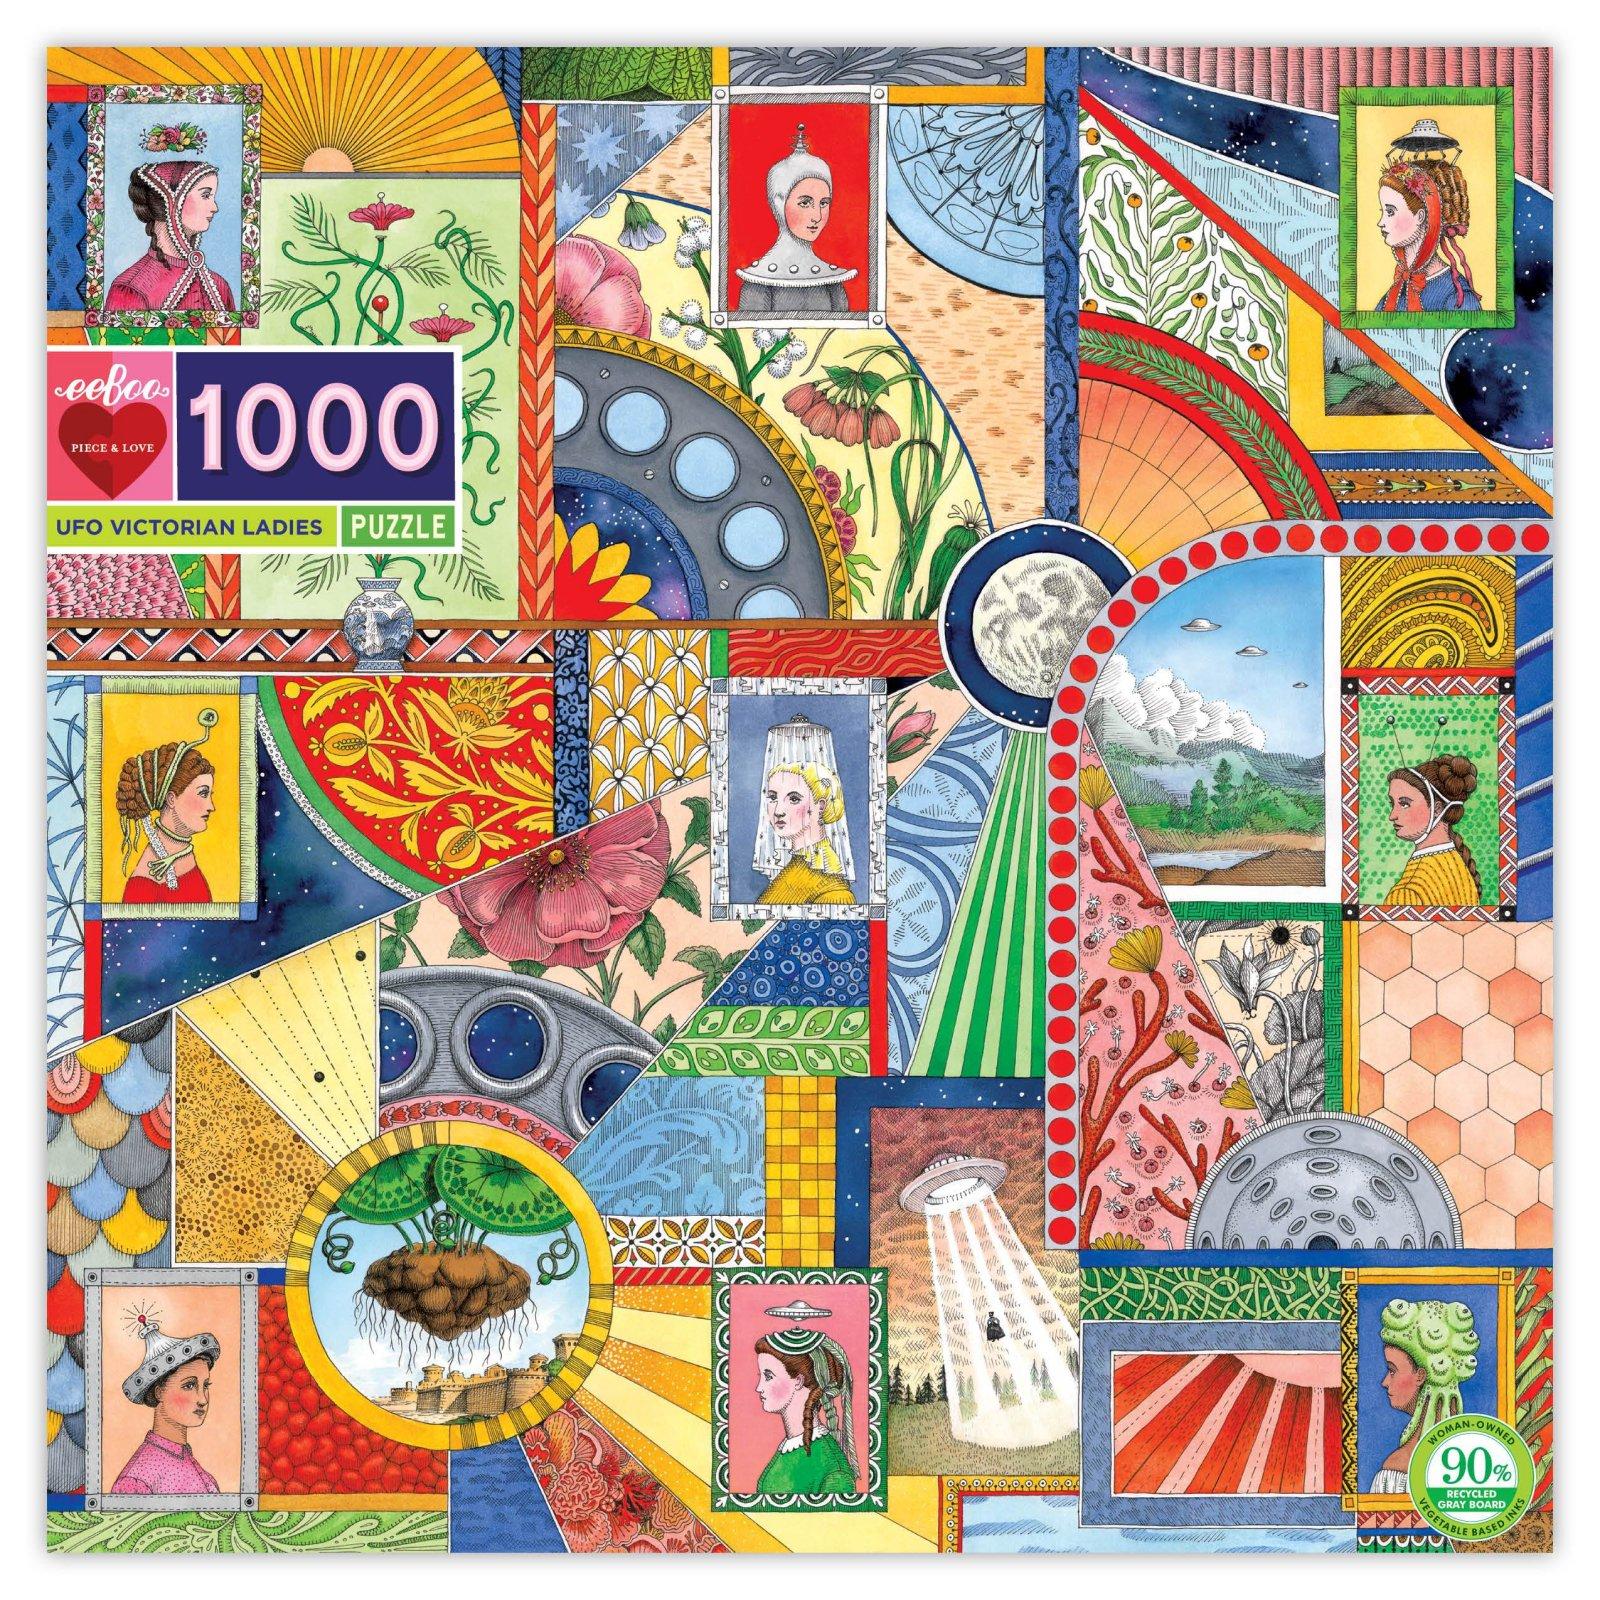 UFO Victorian Ladies 1000 Piece Puzzle by Eeboo